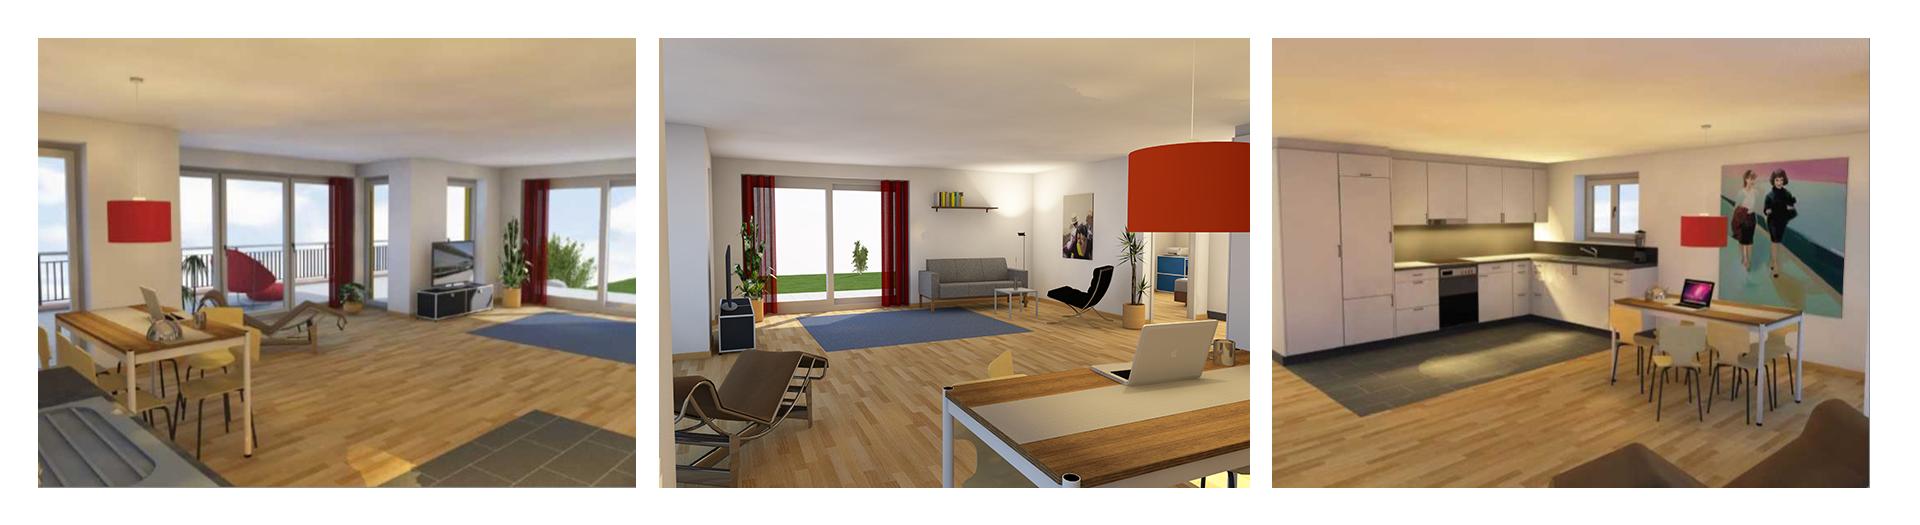 Wohnzimmerpng